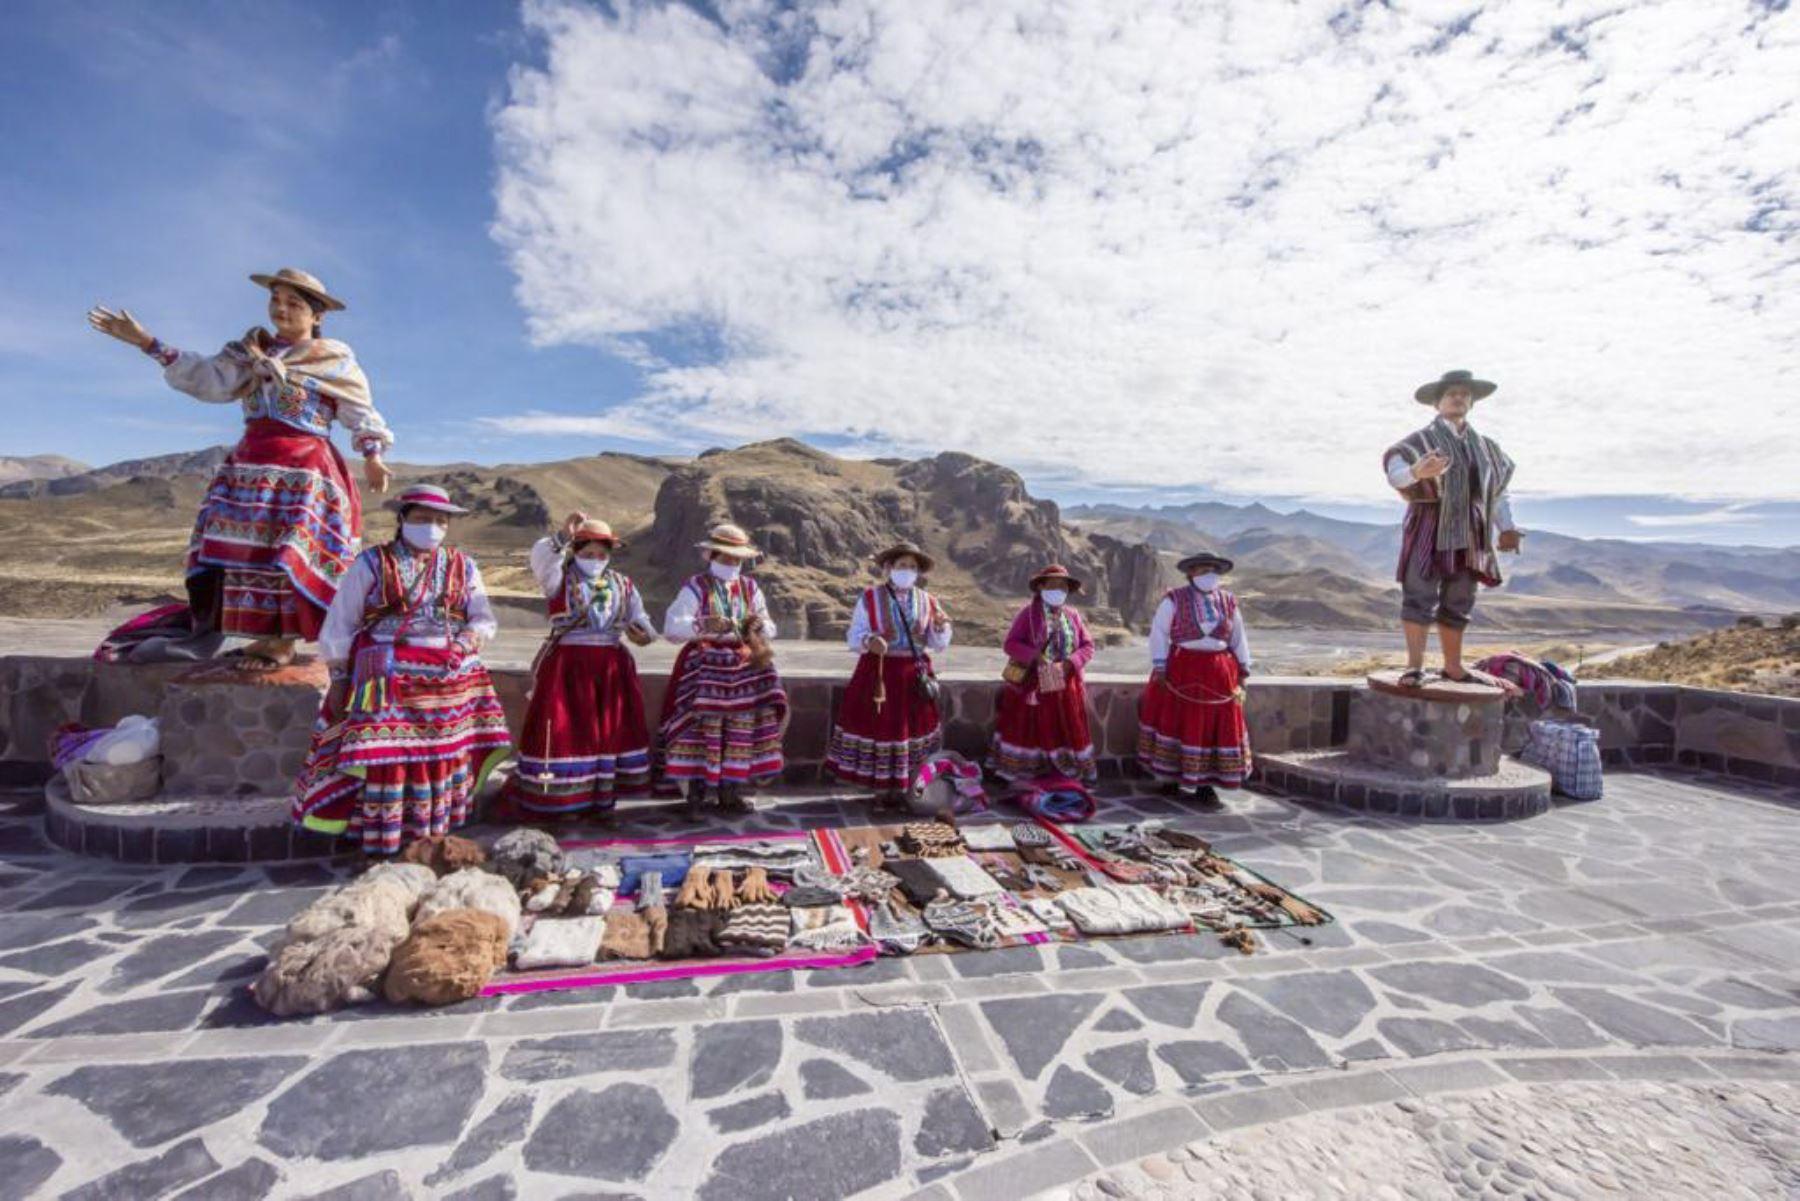 El valle del Colca es uno de los principales atractivos turísticos de la región Arequipa. Foto: ANDINA/Difusión